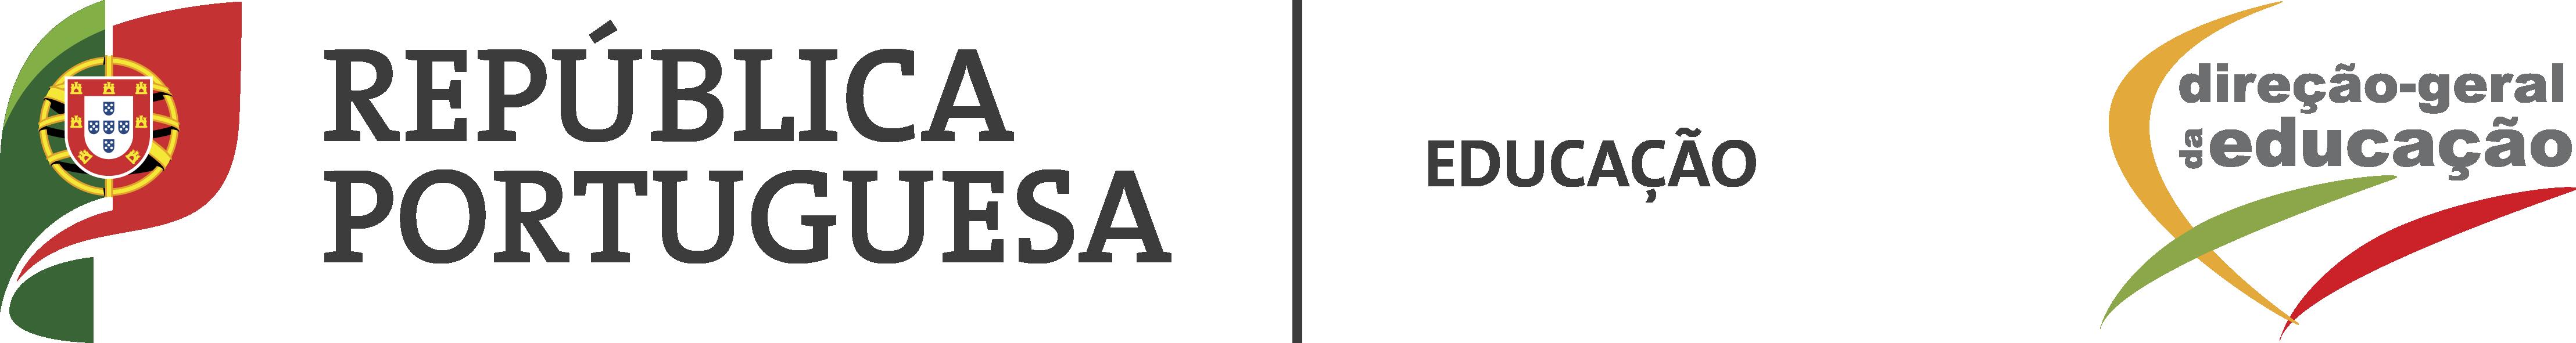 Resultado de imagem para logotipo dge